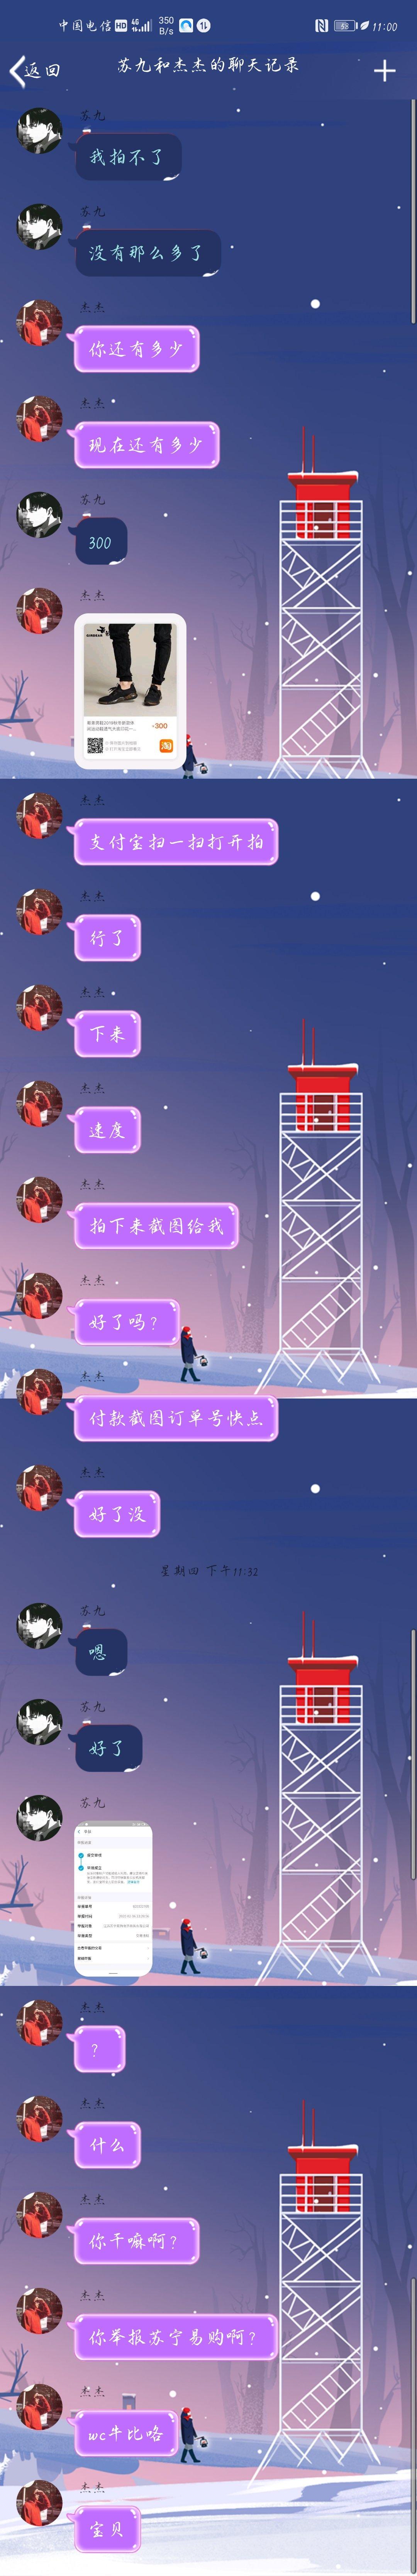 曝光网络骗子QQ:1430736203可举报